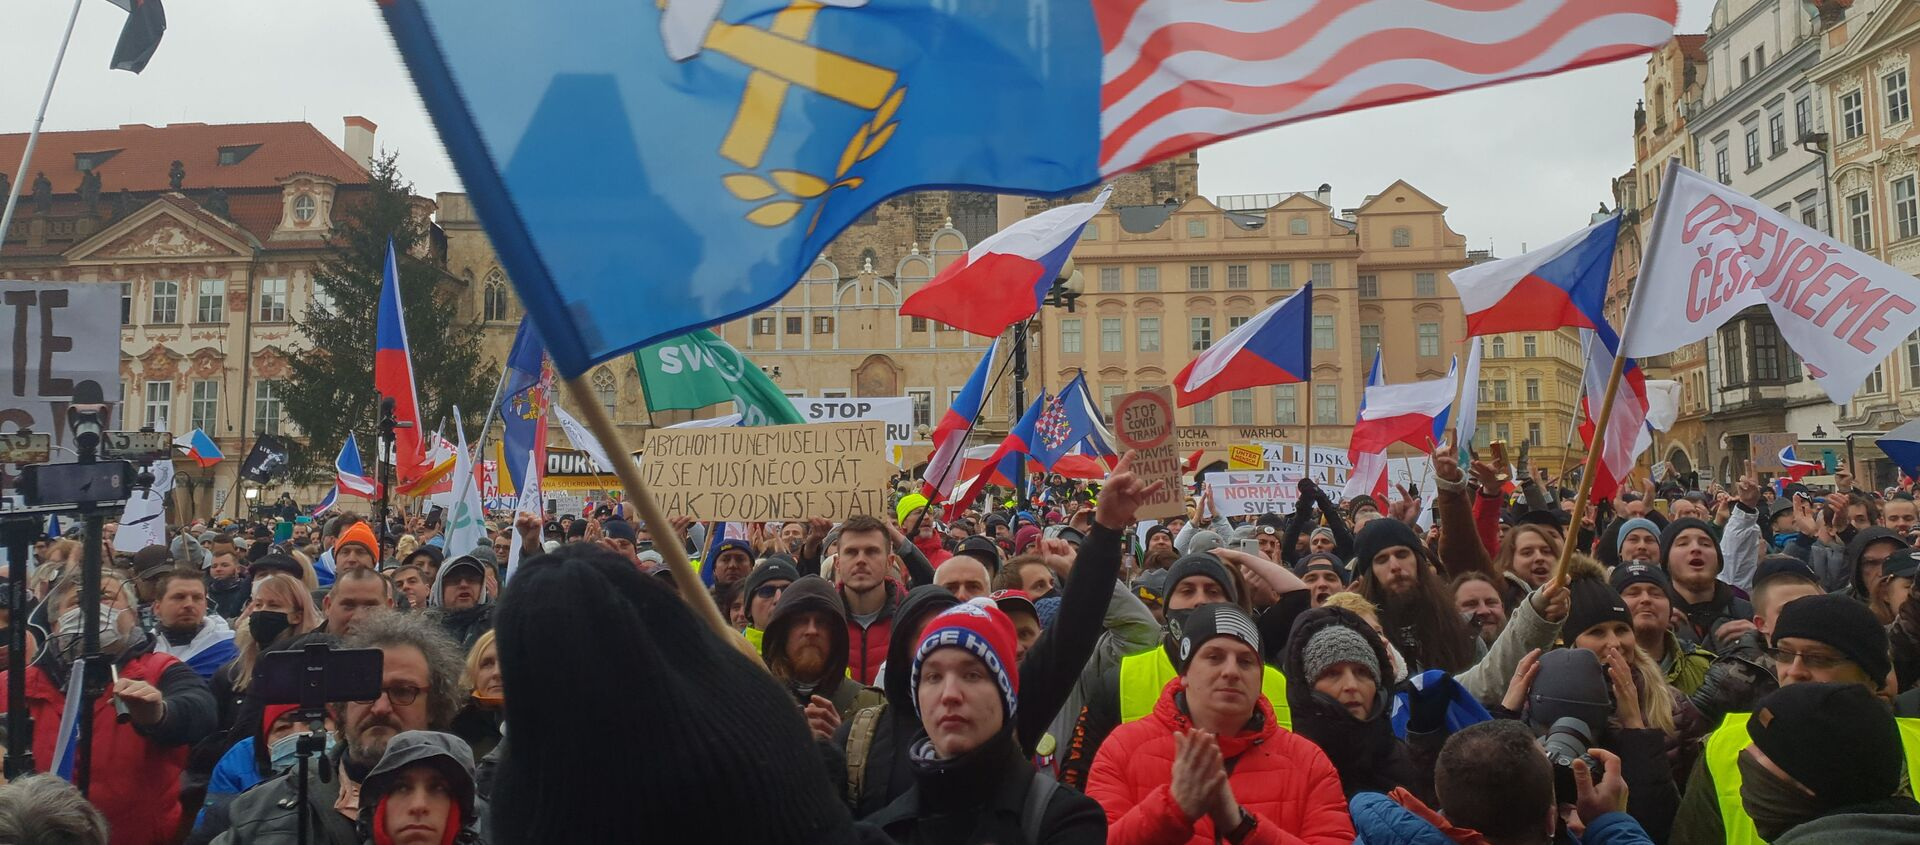 V centru Prahy protestovalo proti vládním opatřením - Sputnik Česká republika, 1920, 08.02.2021